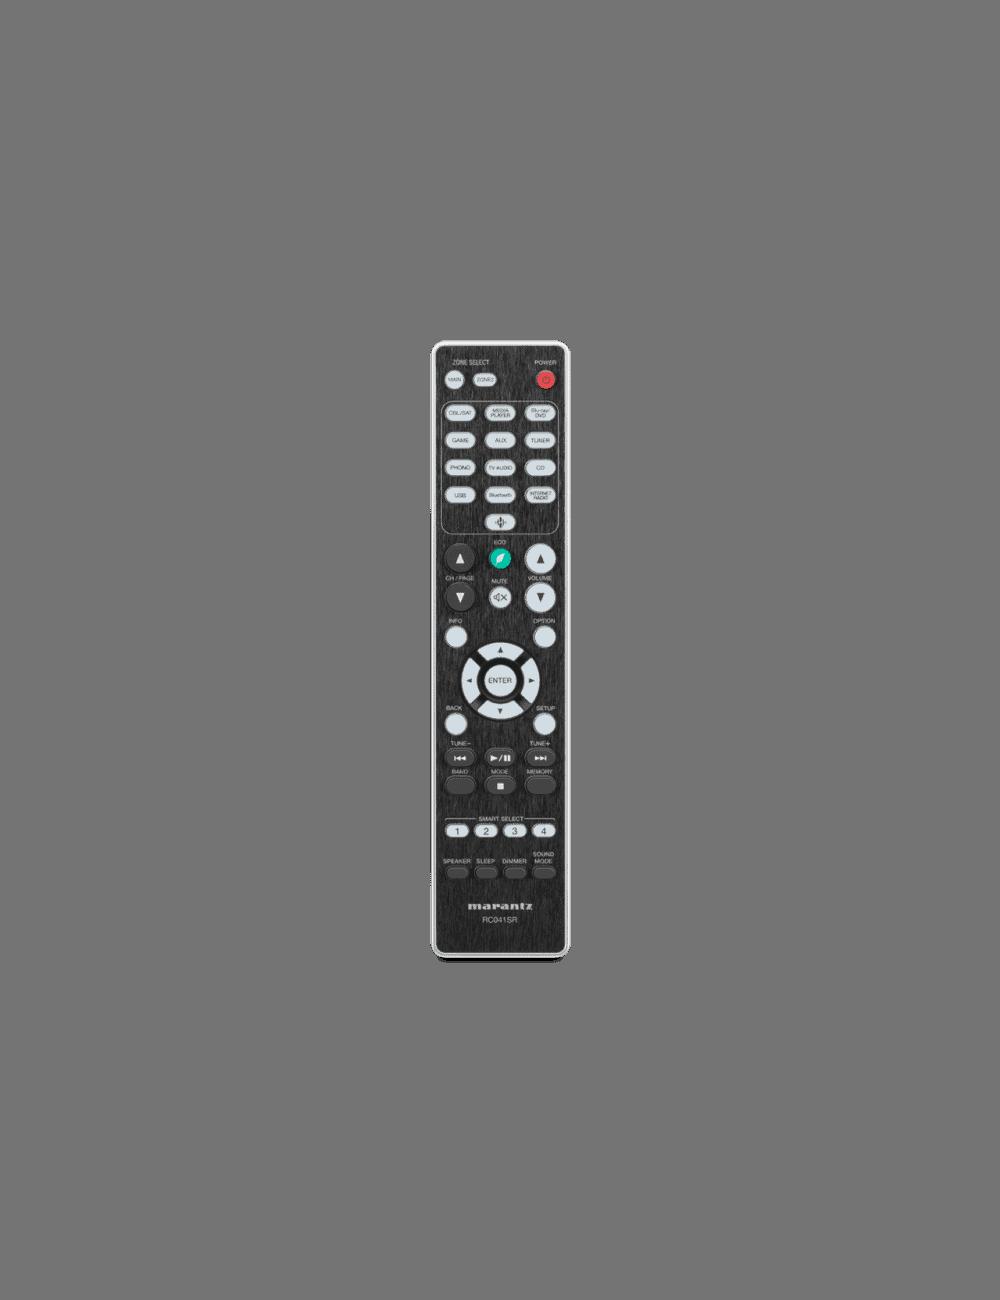 sintoamplificatore integrato HiFi Marantz NR1200 a due canali con HEOS streaming, telecomando